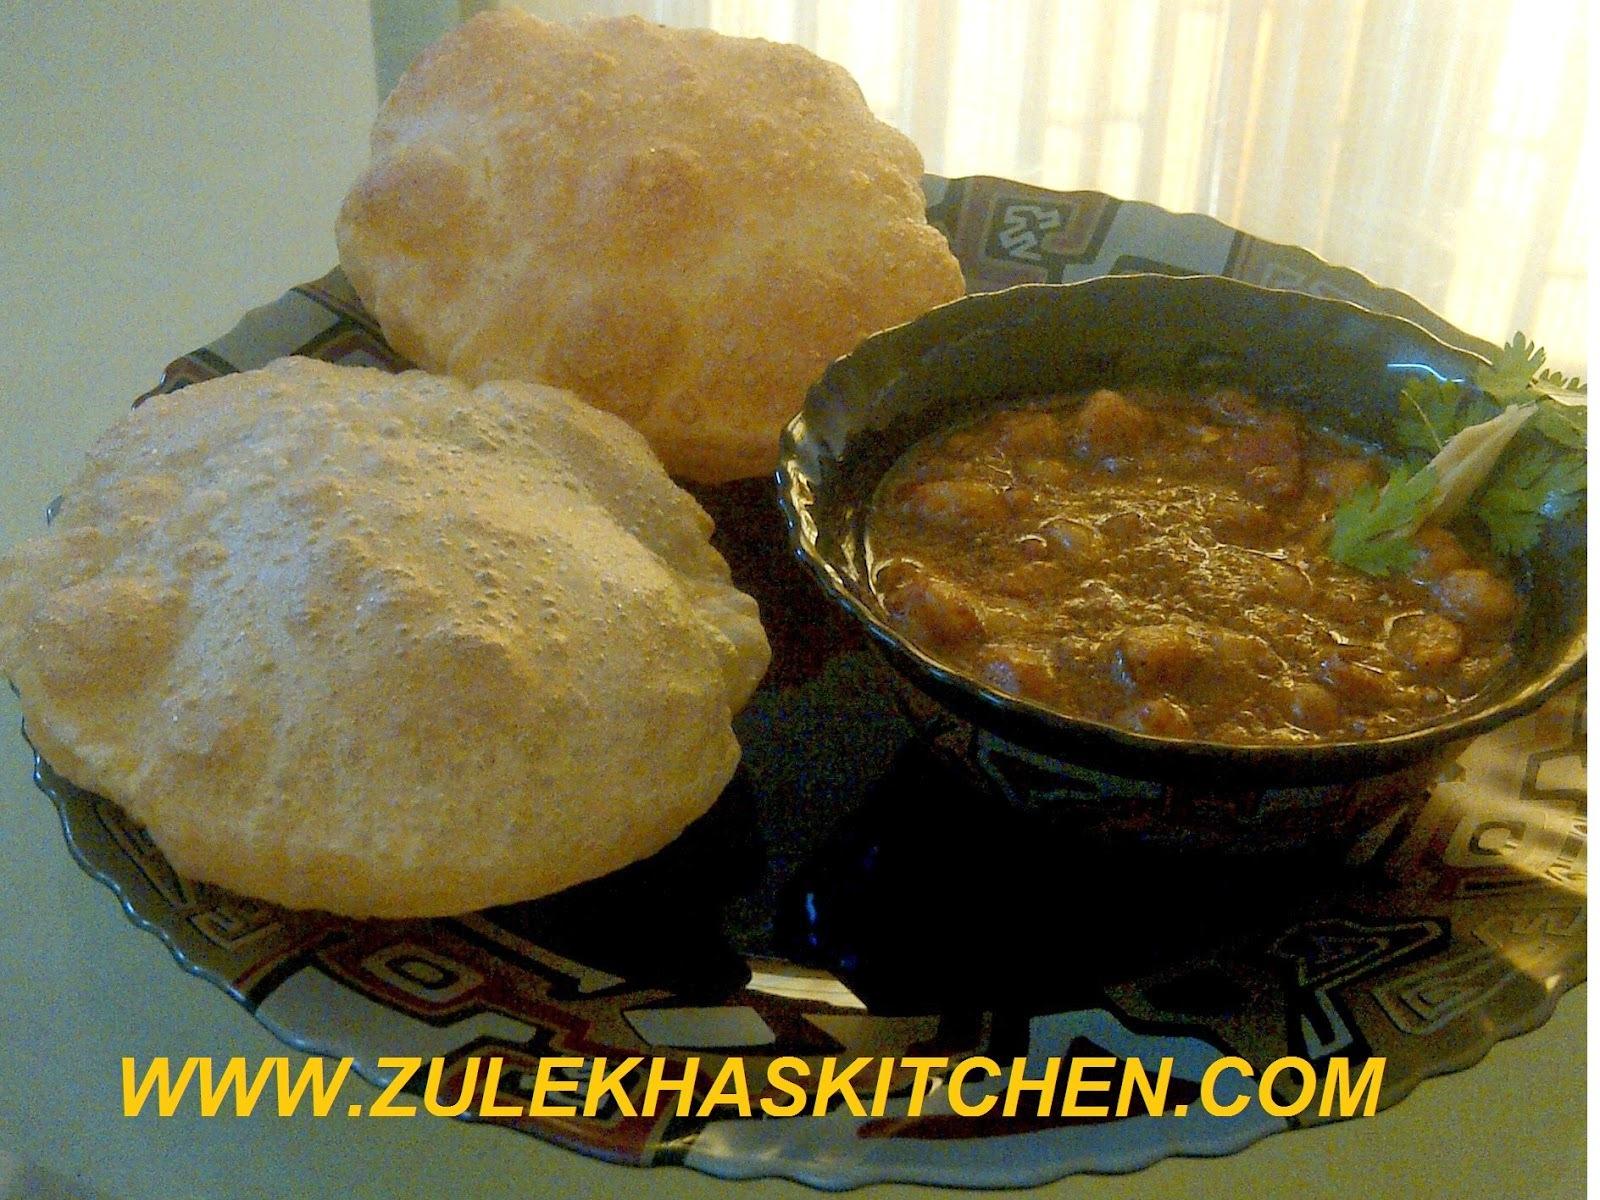 Recipe of chole puri or poori